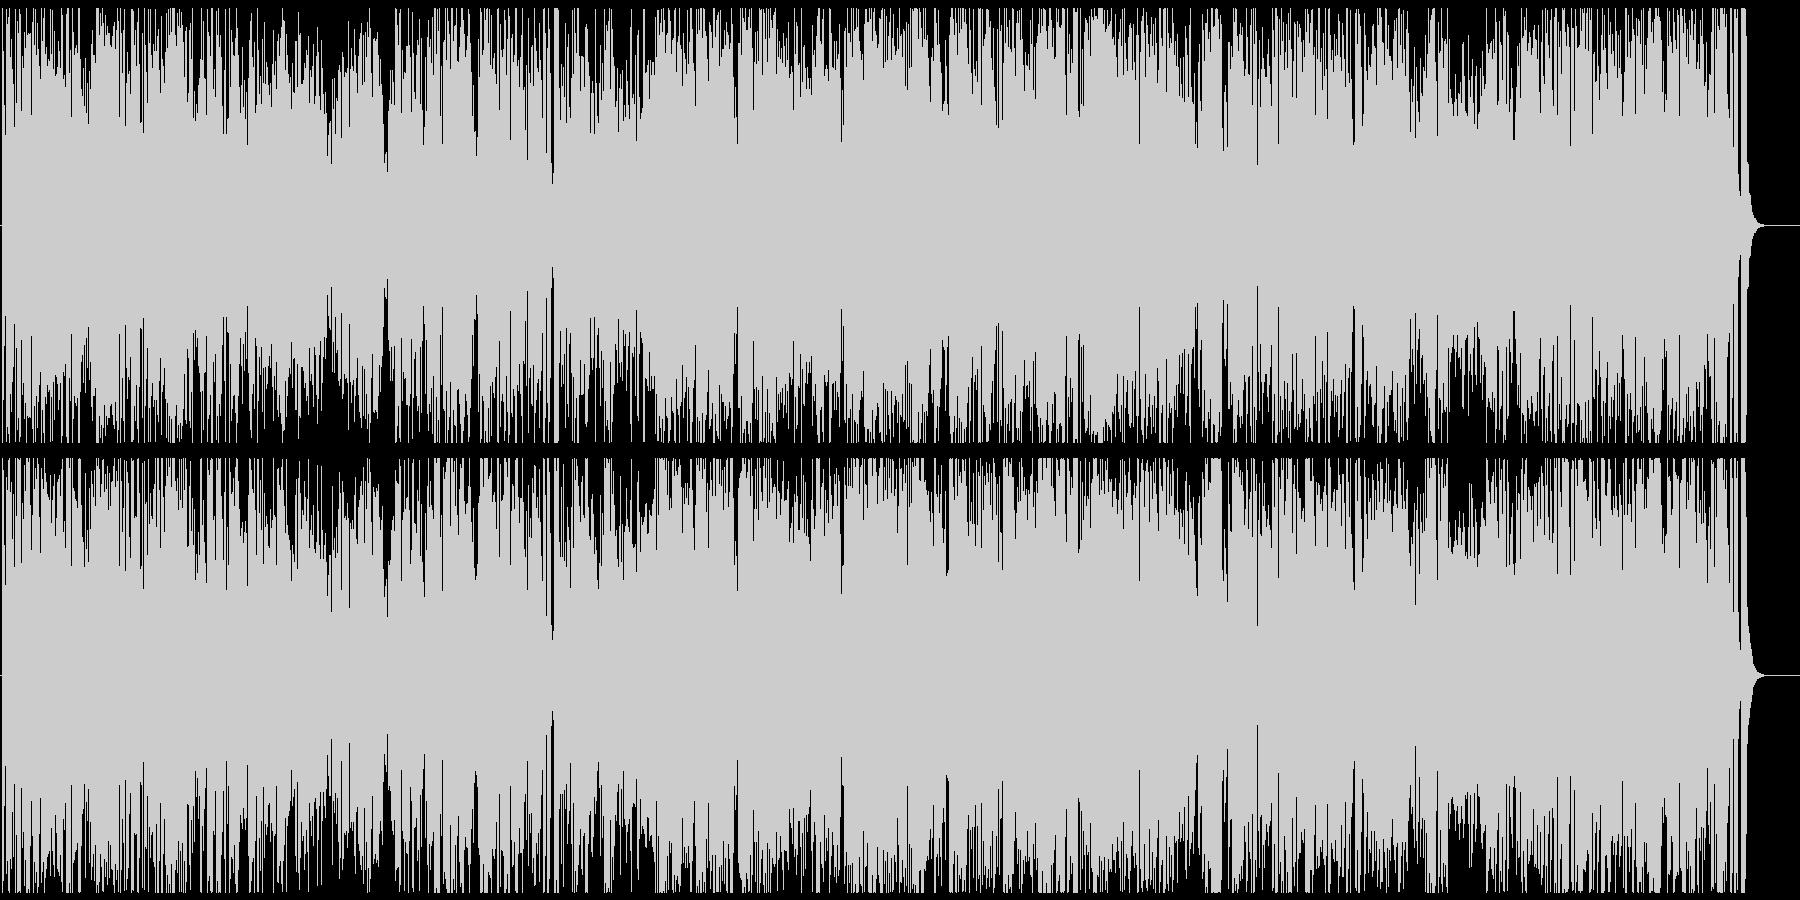 トロピカルなラテンジャズ サックス生演奏の未再生の波形